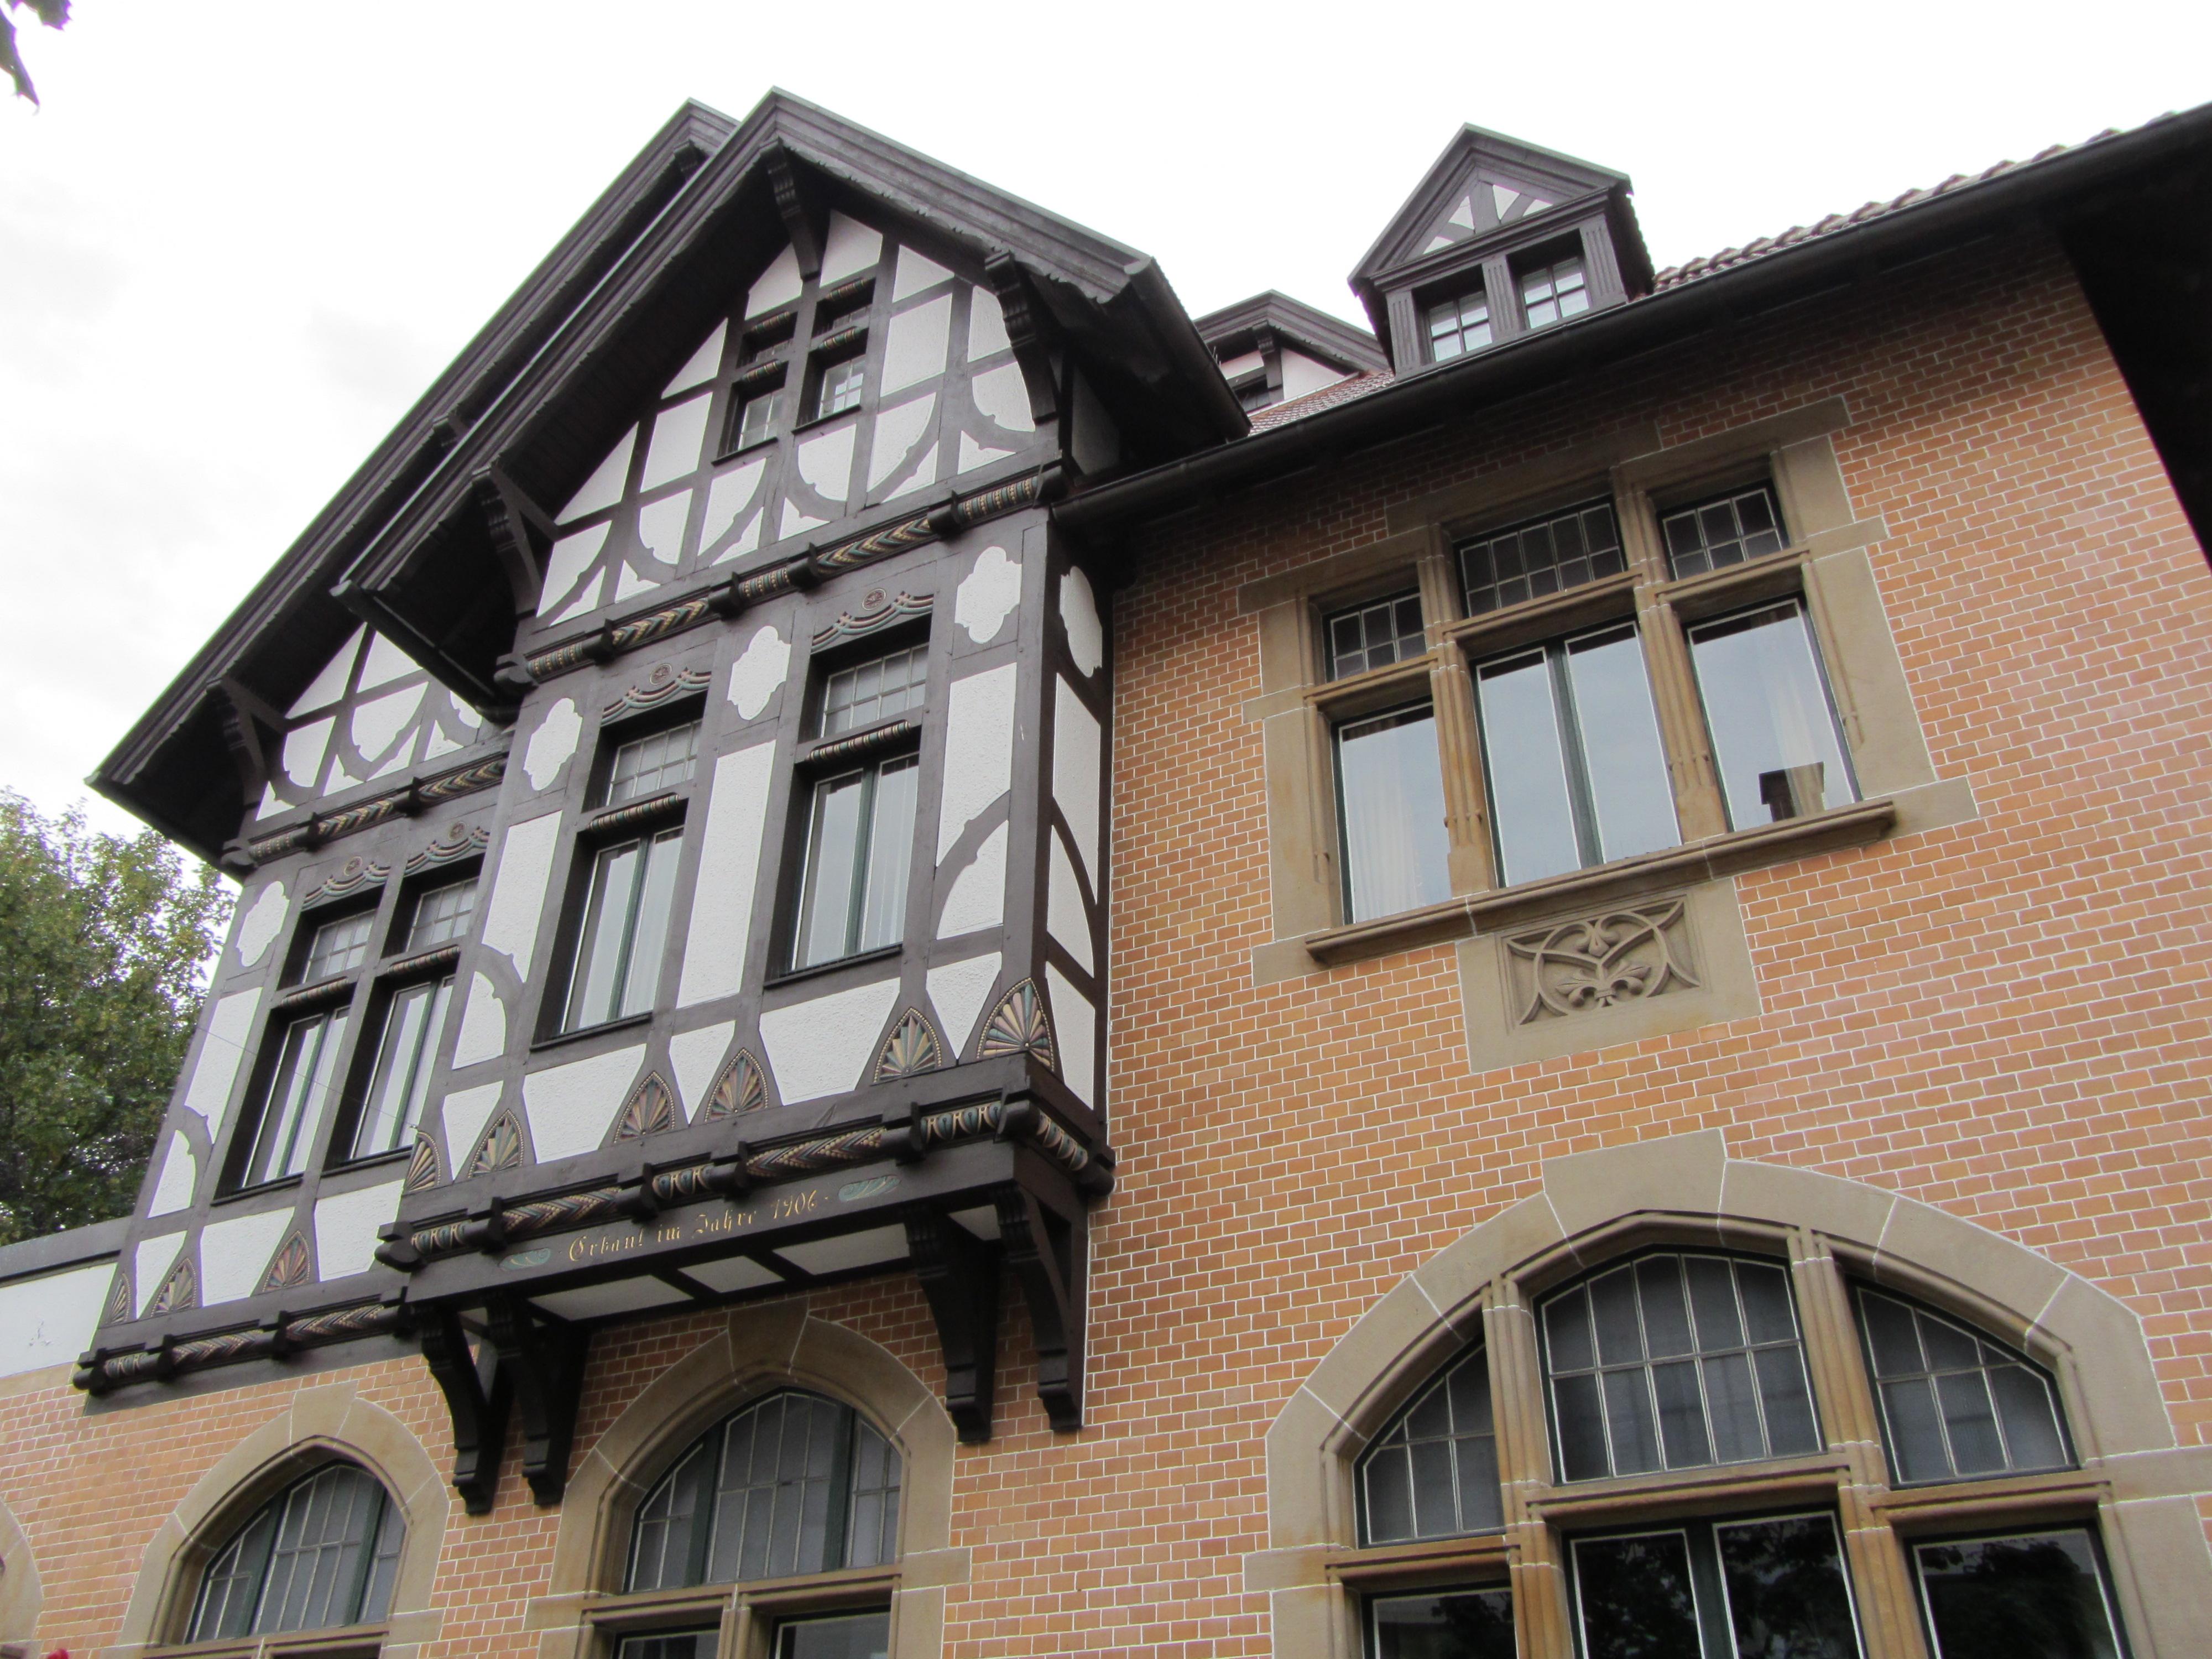 Architektur in Lippstadt Agentur für Zimmervermittlung